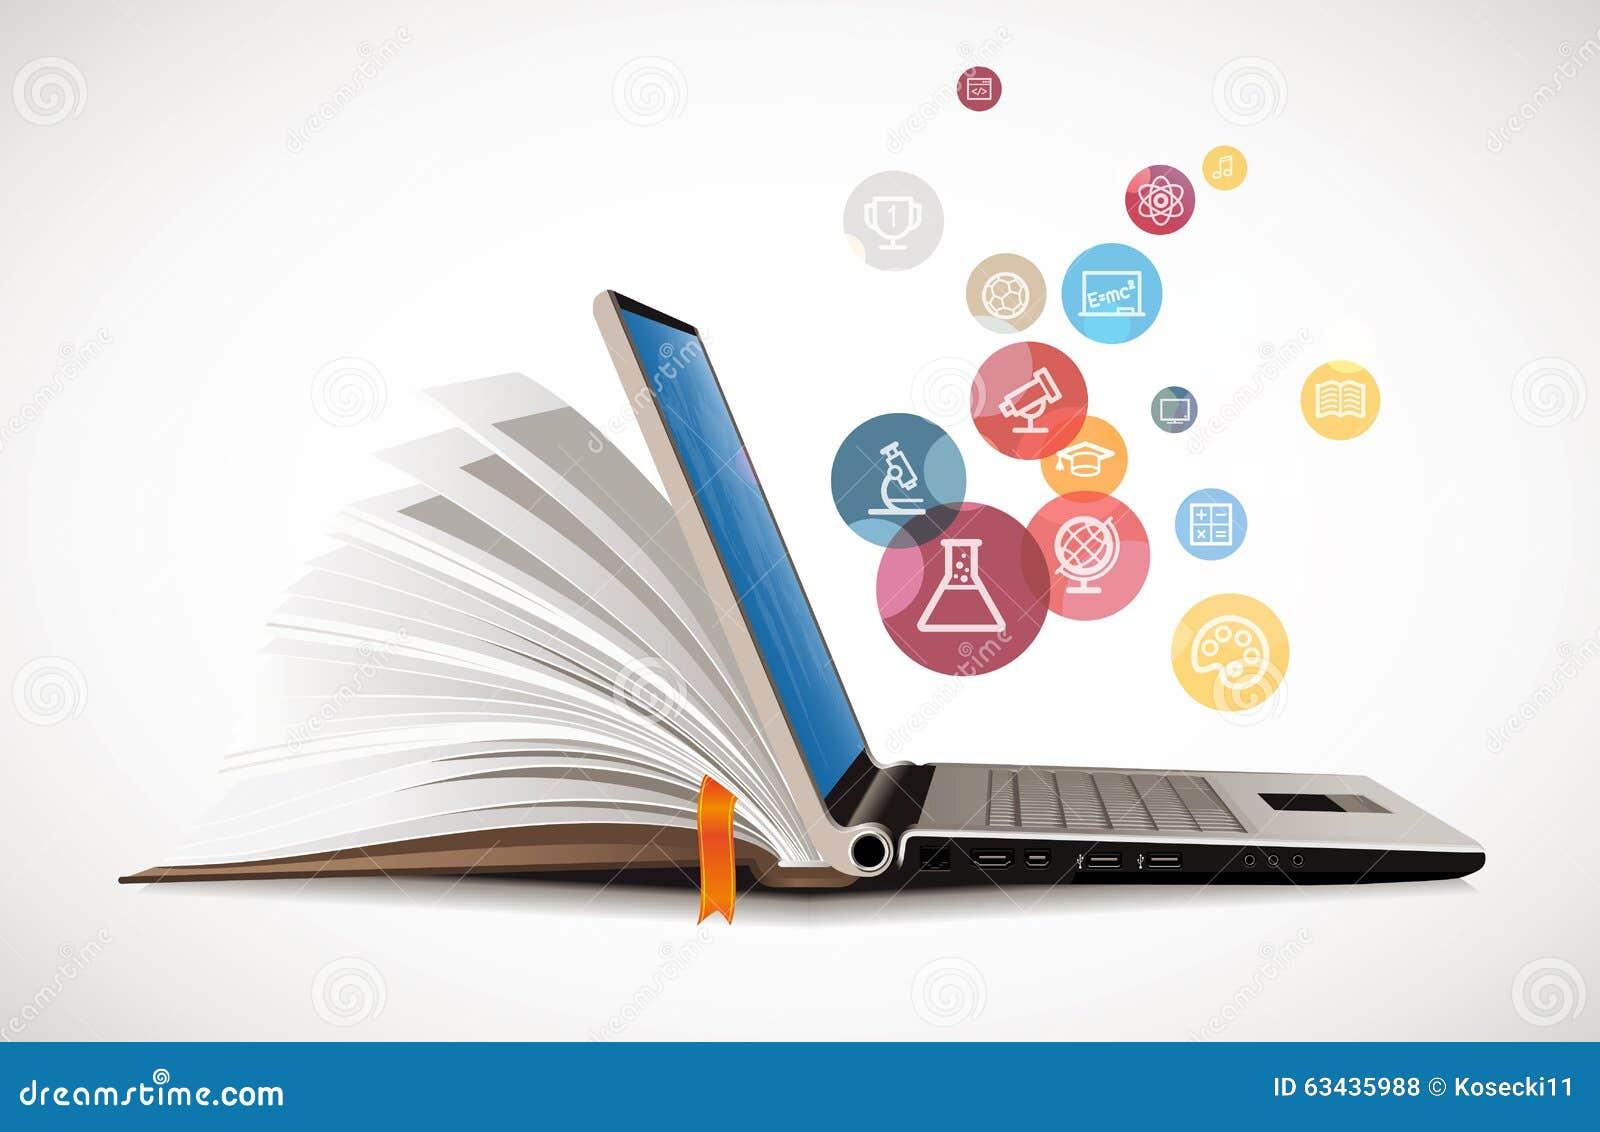 IT-Kommunikation - E-Learning